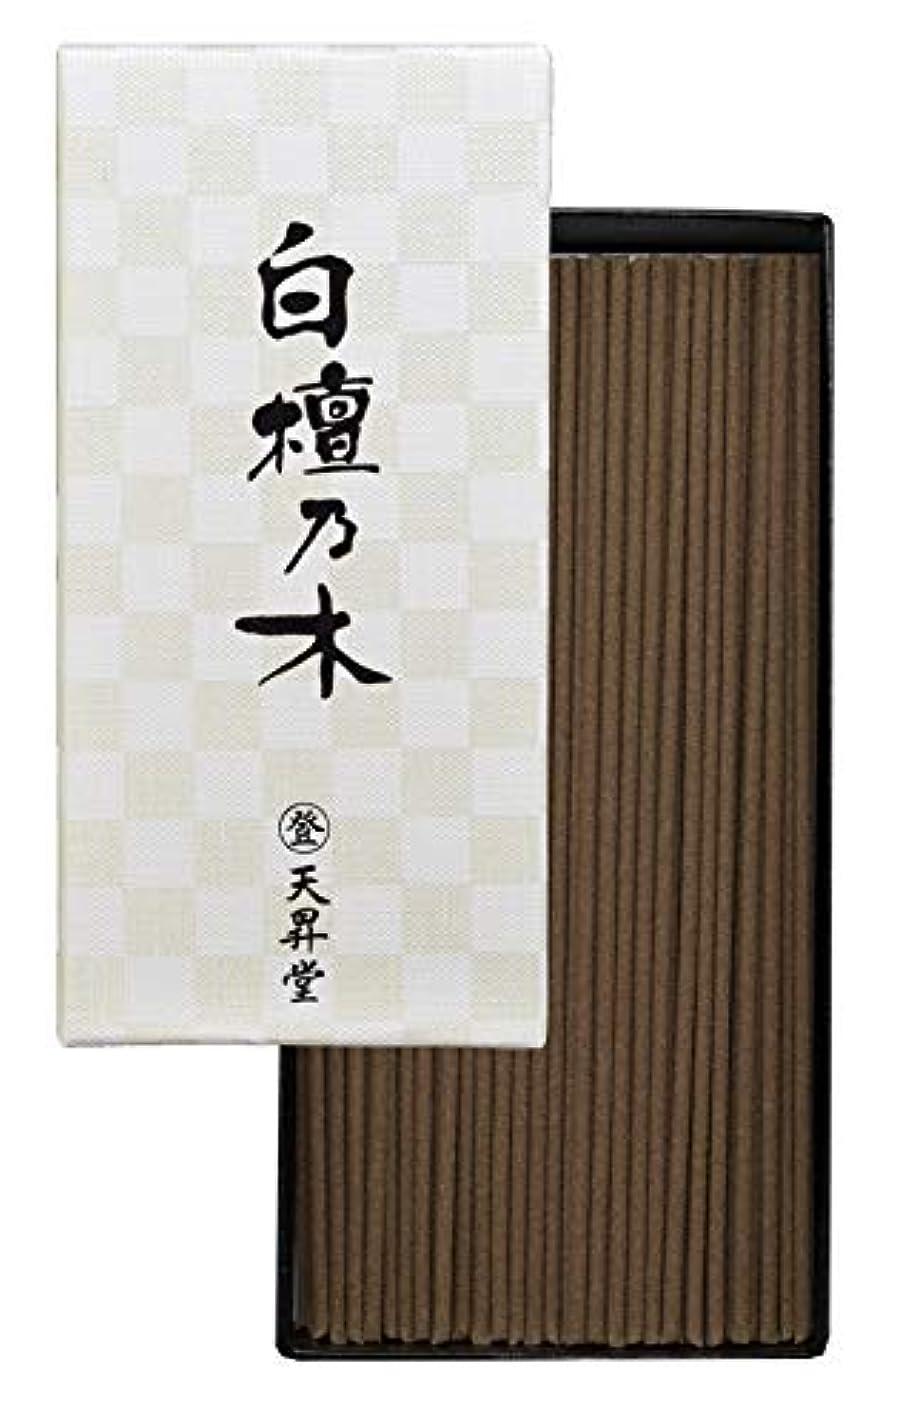 二年生鑑定トランジスタ天昇堂のお線香 白檀乃木 バラ詰め 約40g